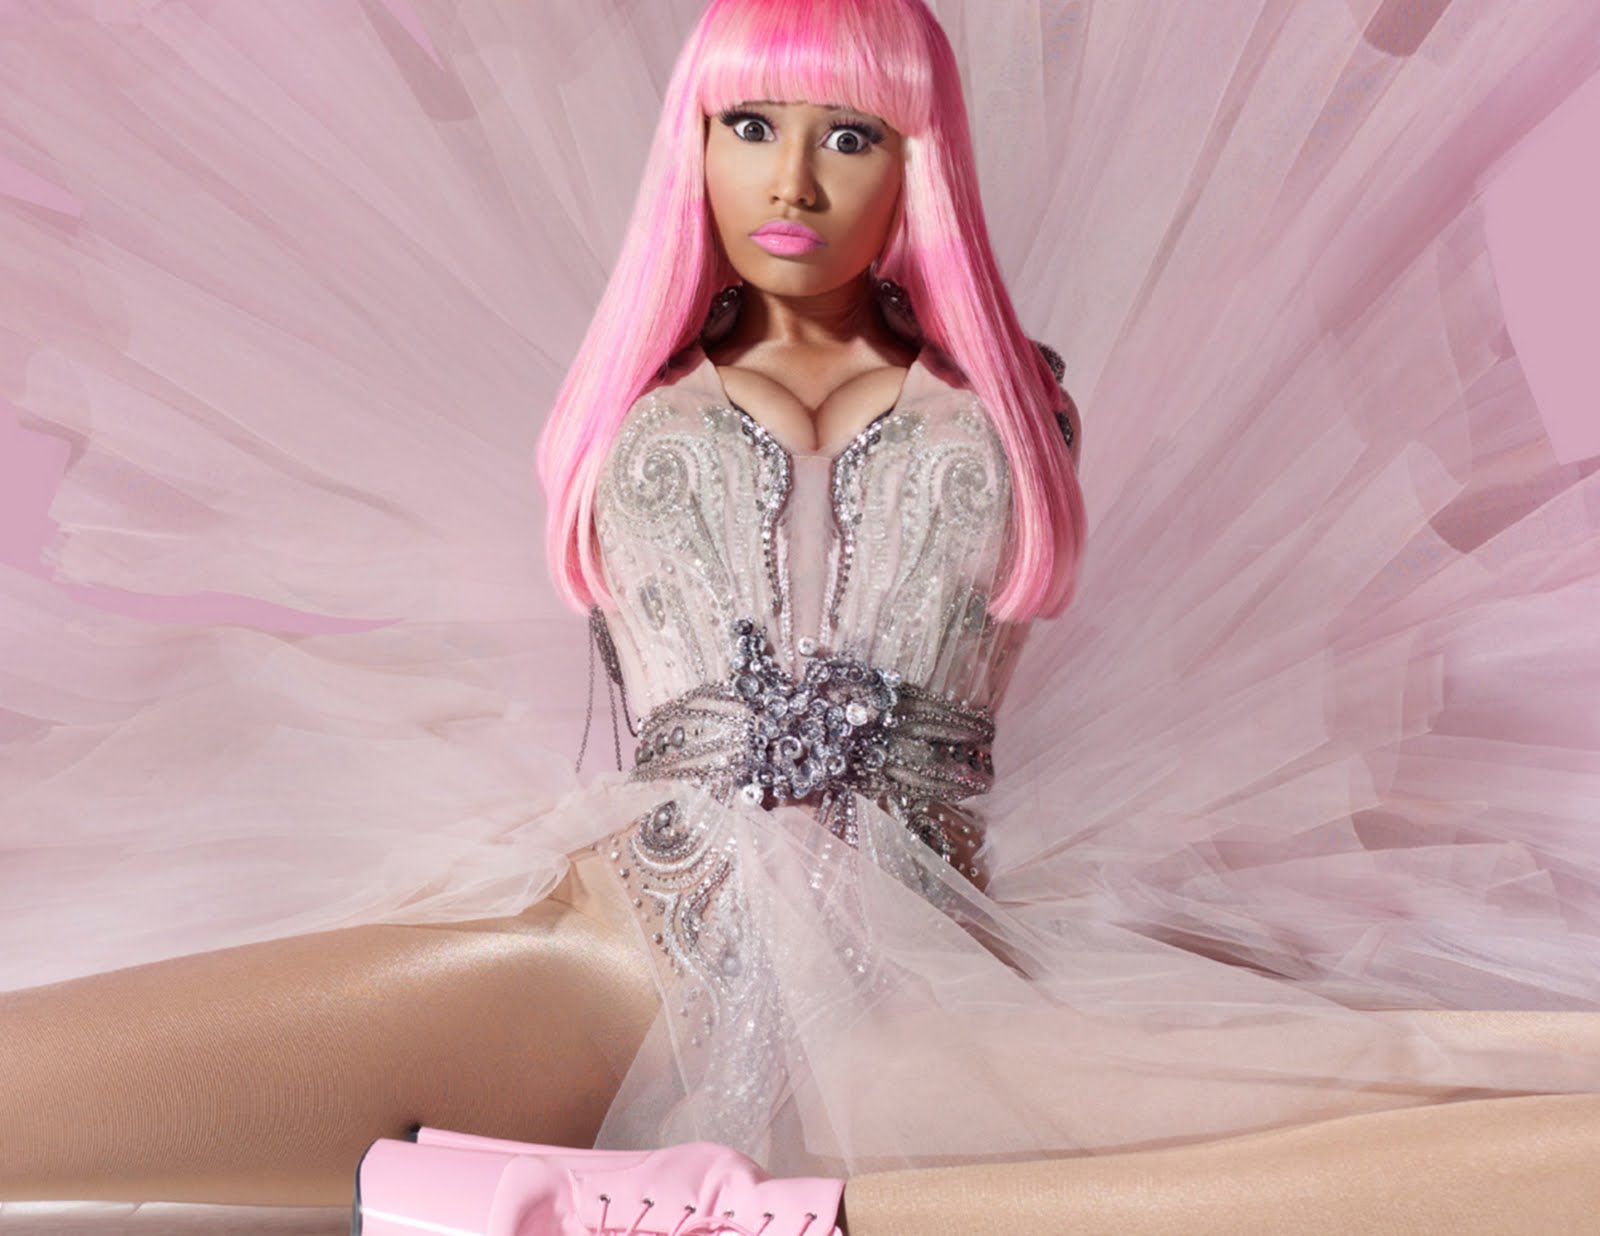 http://1.bp.blogspot.com/-ul_uy7flzFg/Ti2XGQFsmrI/AAAAAAAAJB4/WAP5XnSROqg/s1600/M.A.C-Pink-Friday-Nicki-Minaj.jpg